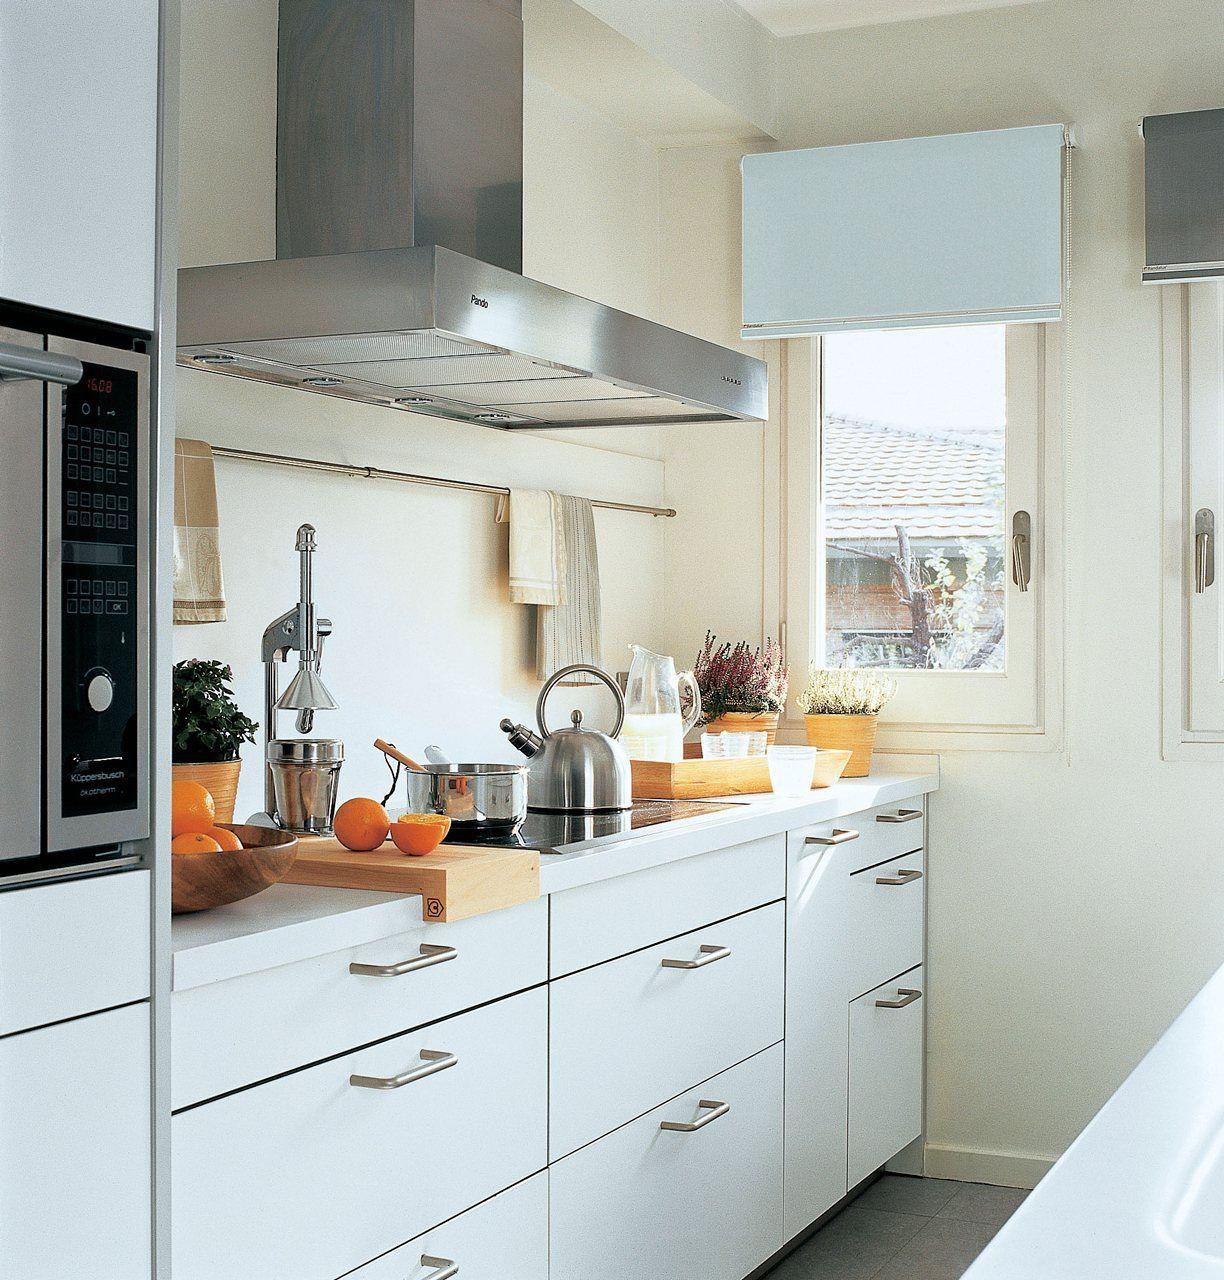 Buenas ideas para cocinas pequeñas · ElMueble.com · Cocinas y baños ...